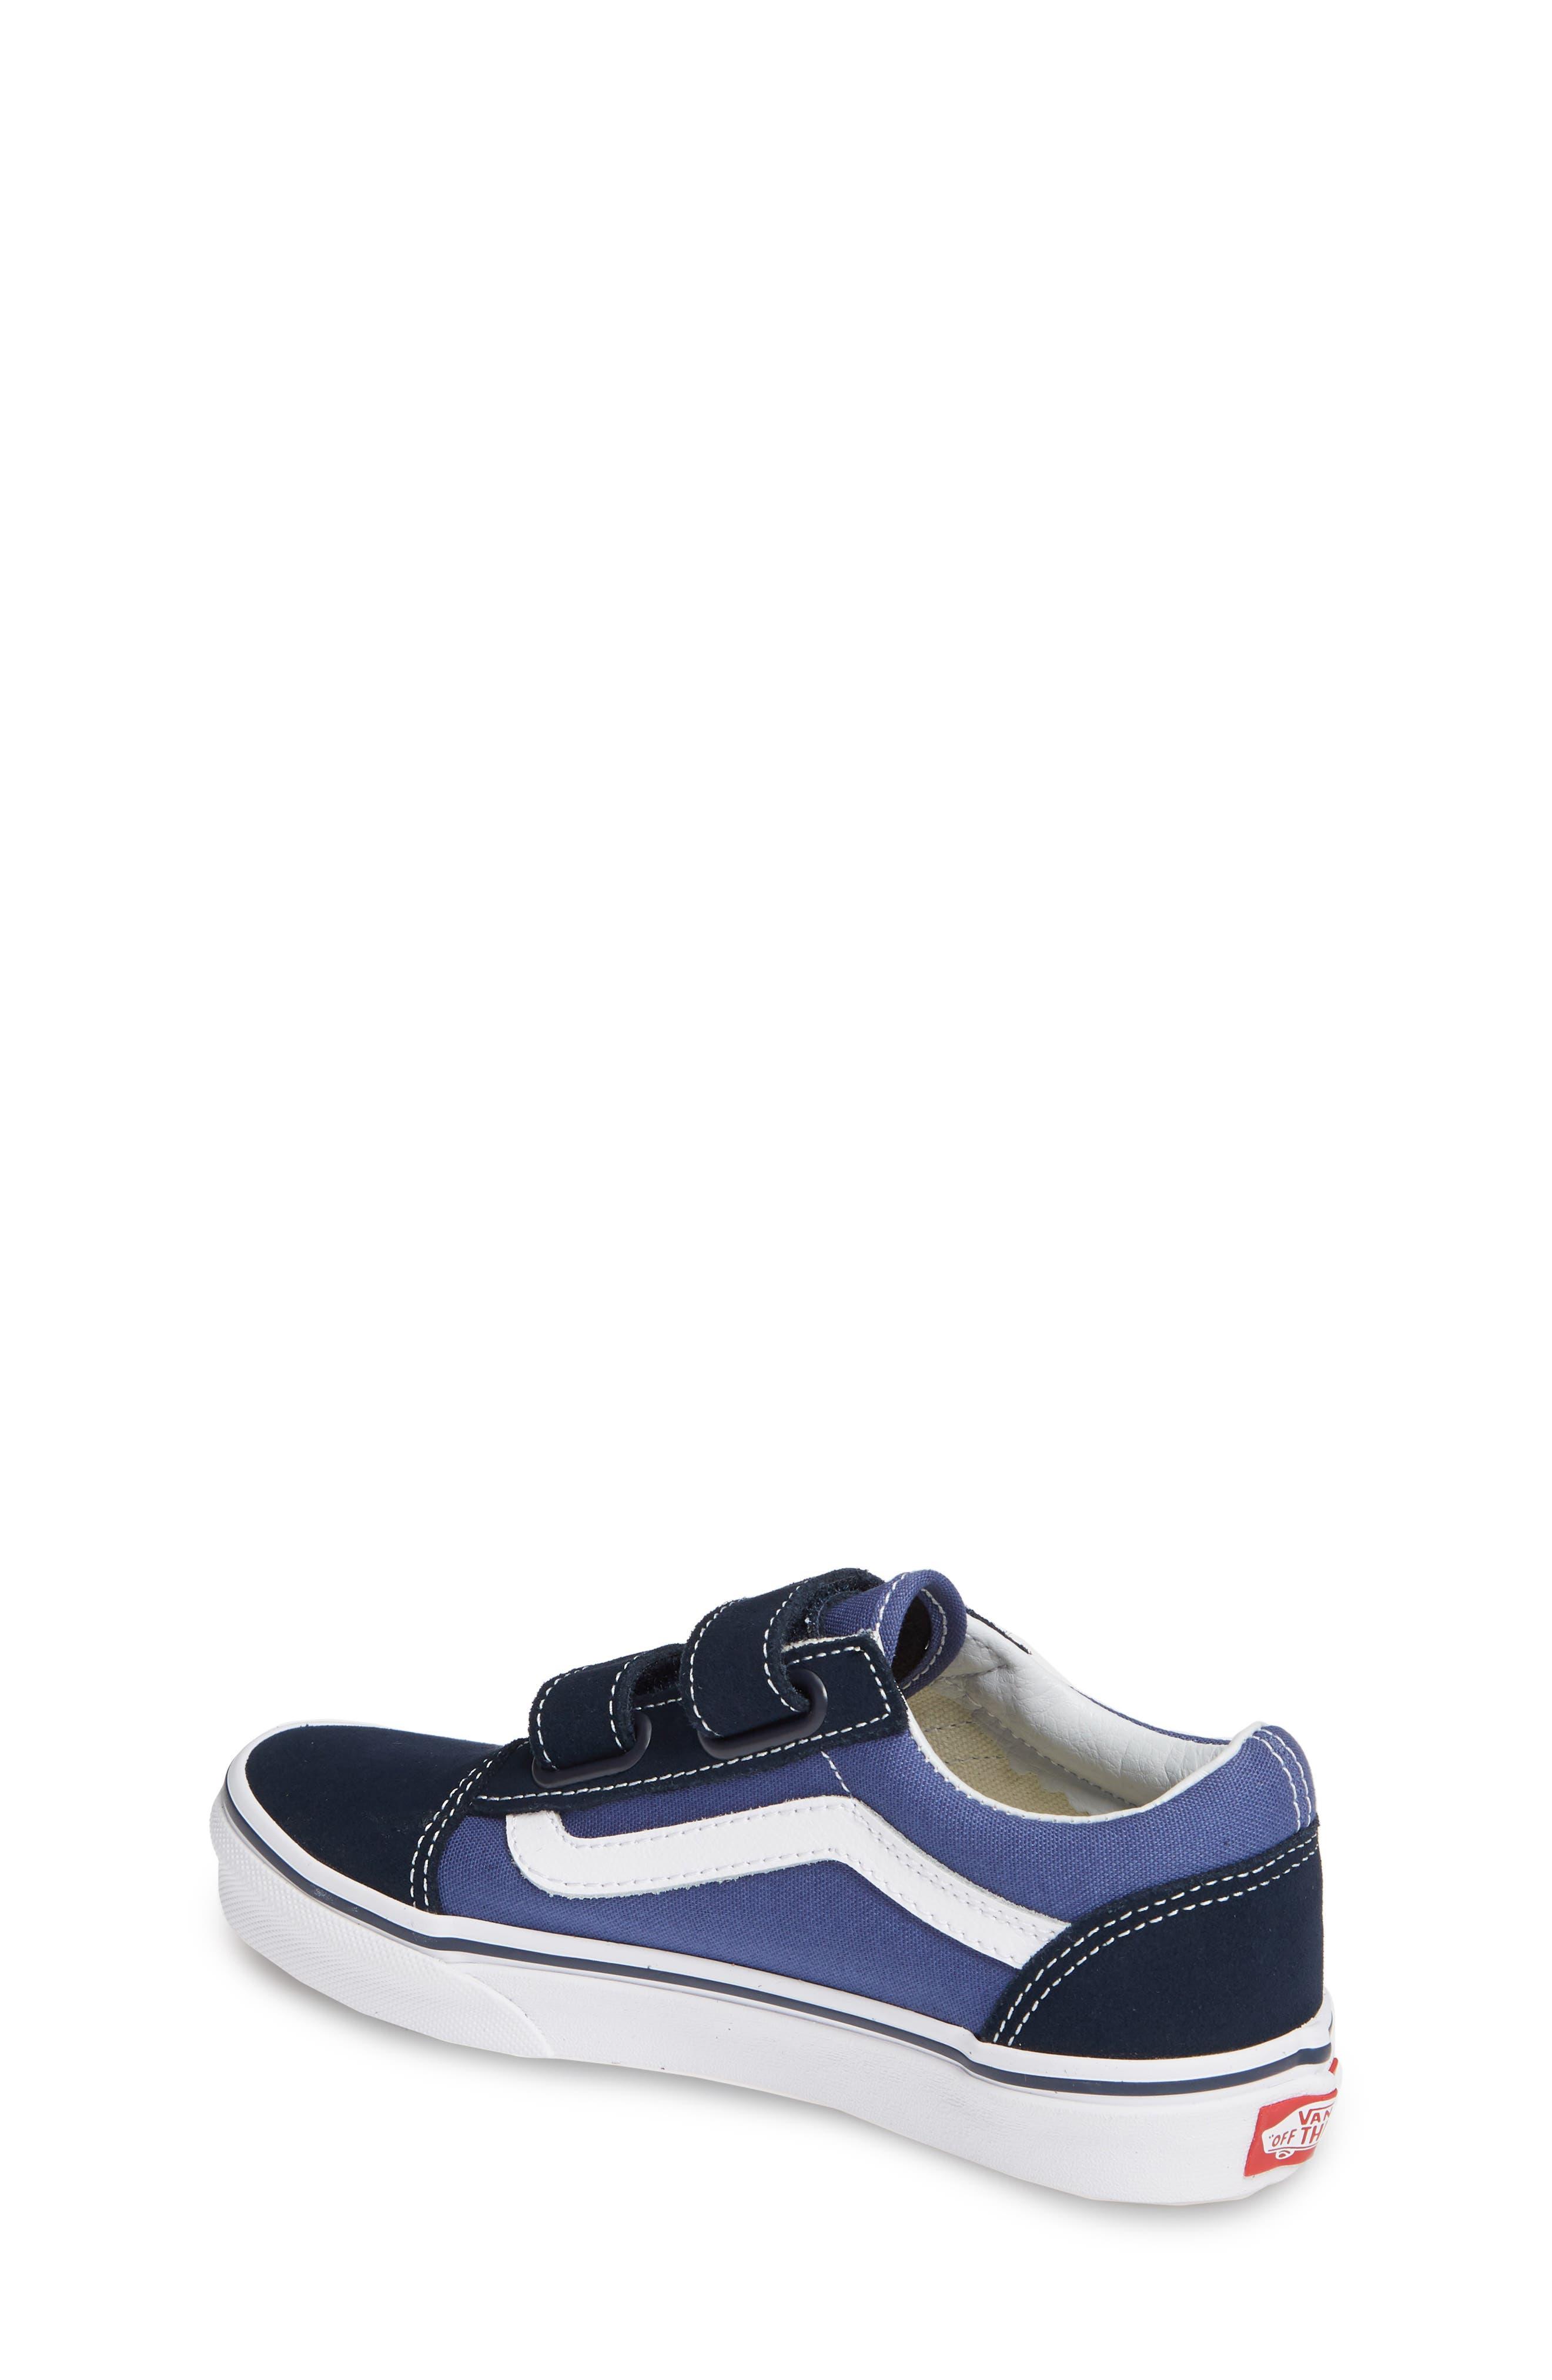 Old Skool V Sneaker,                             Alternate thumbnail 2, color,                             NAVY/ TRUE WHITE